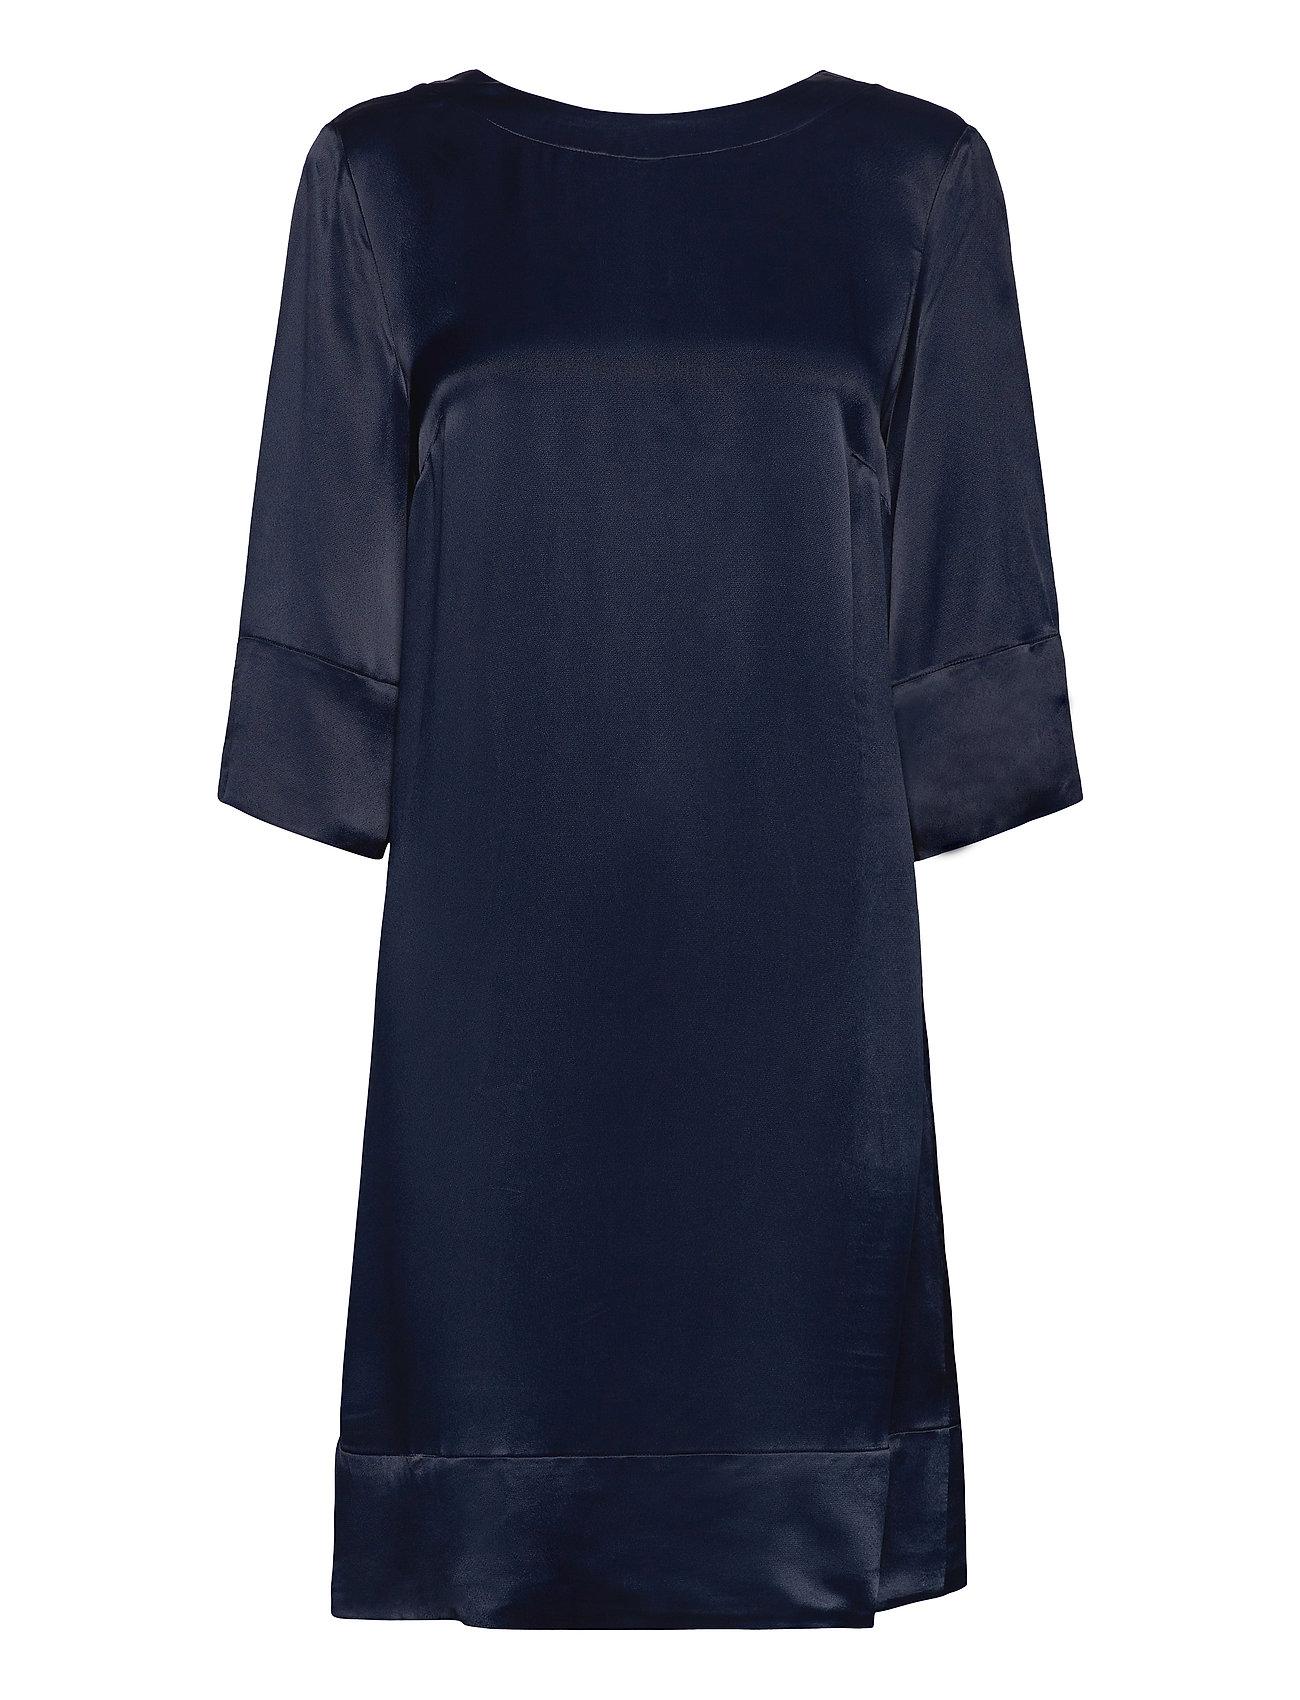 Image of Aurore Dress Kort Kjole Blå Morris Lady (3489428681)